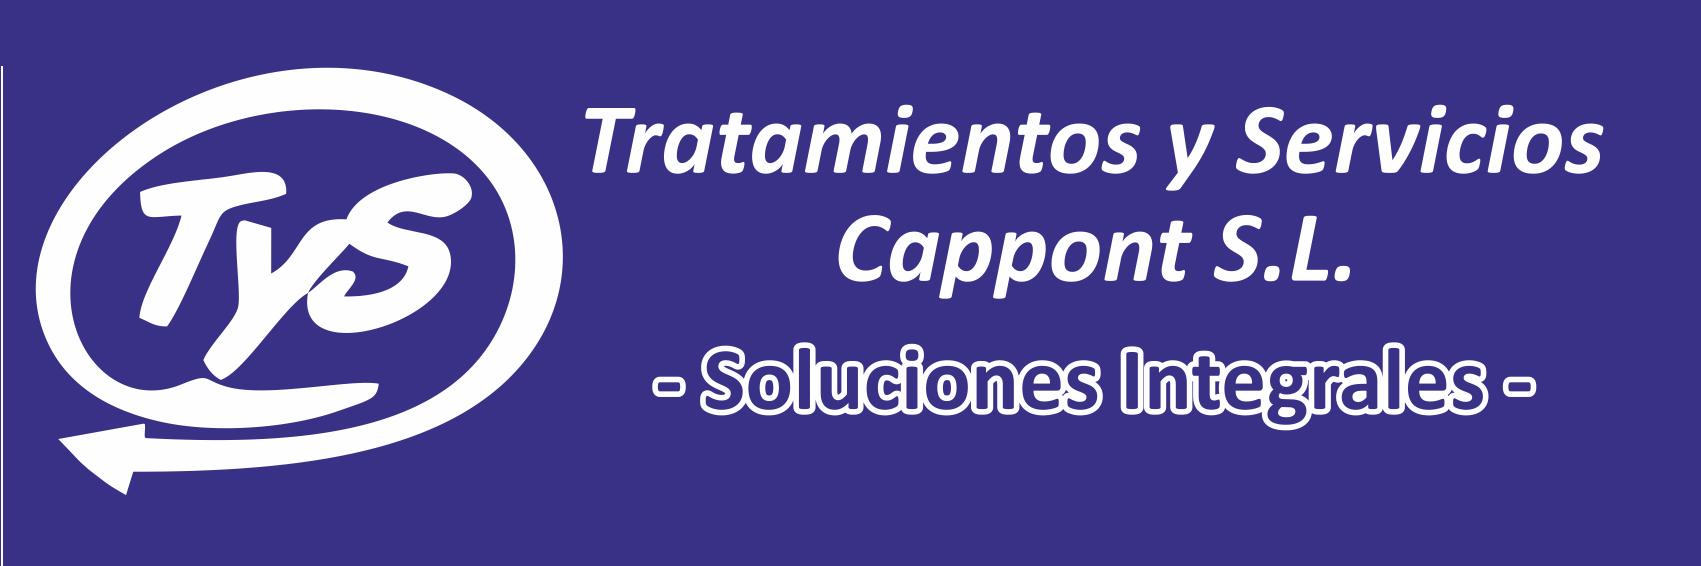 Tratamientos y Servicios Cap-Pont S.L.